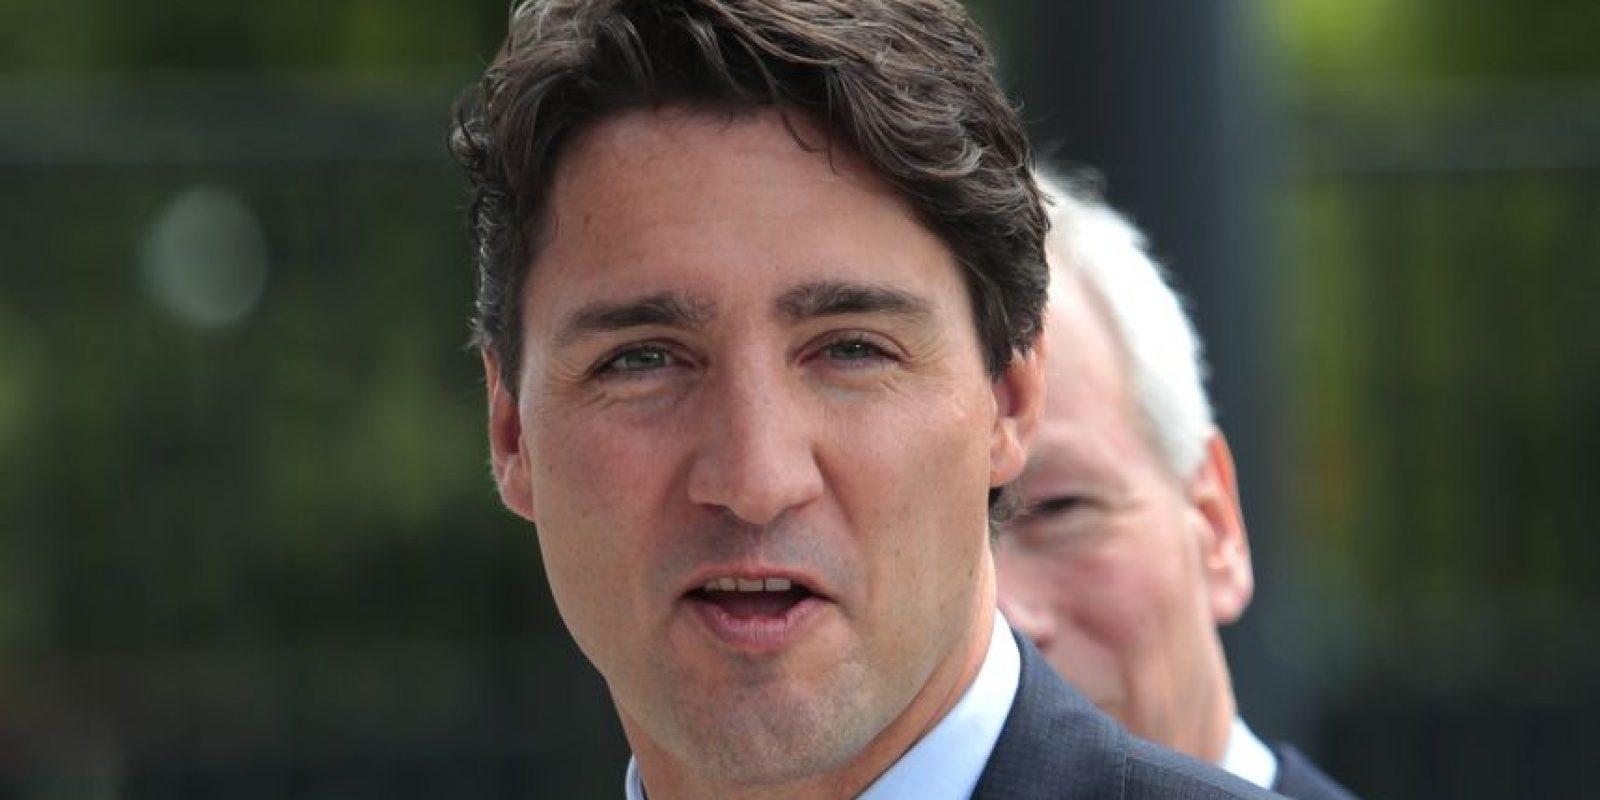 Trudeau, de 44 años de edad, asumió el cargo en noviembre y porta uno de los apellidos más famosos de la historia política canadiense. Su difunto padre fue primer ministro durante la mayor parte del periodo entre 1968 y 1984, y sigue siendo el político canadiense más reconocido. Foto:AP. Imagen Por: